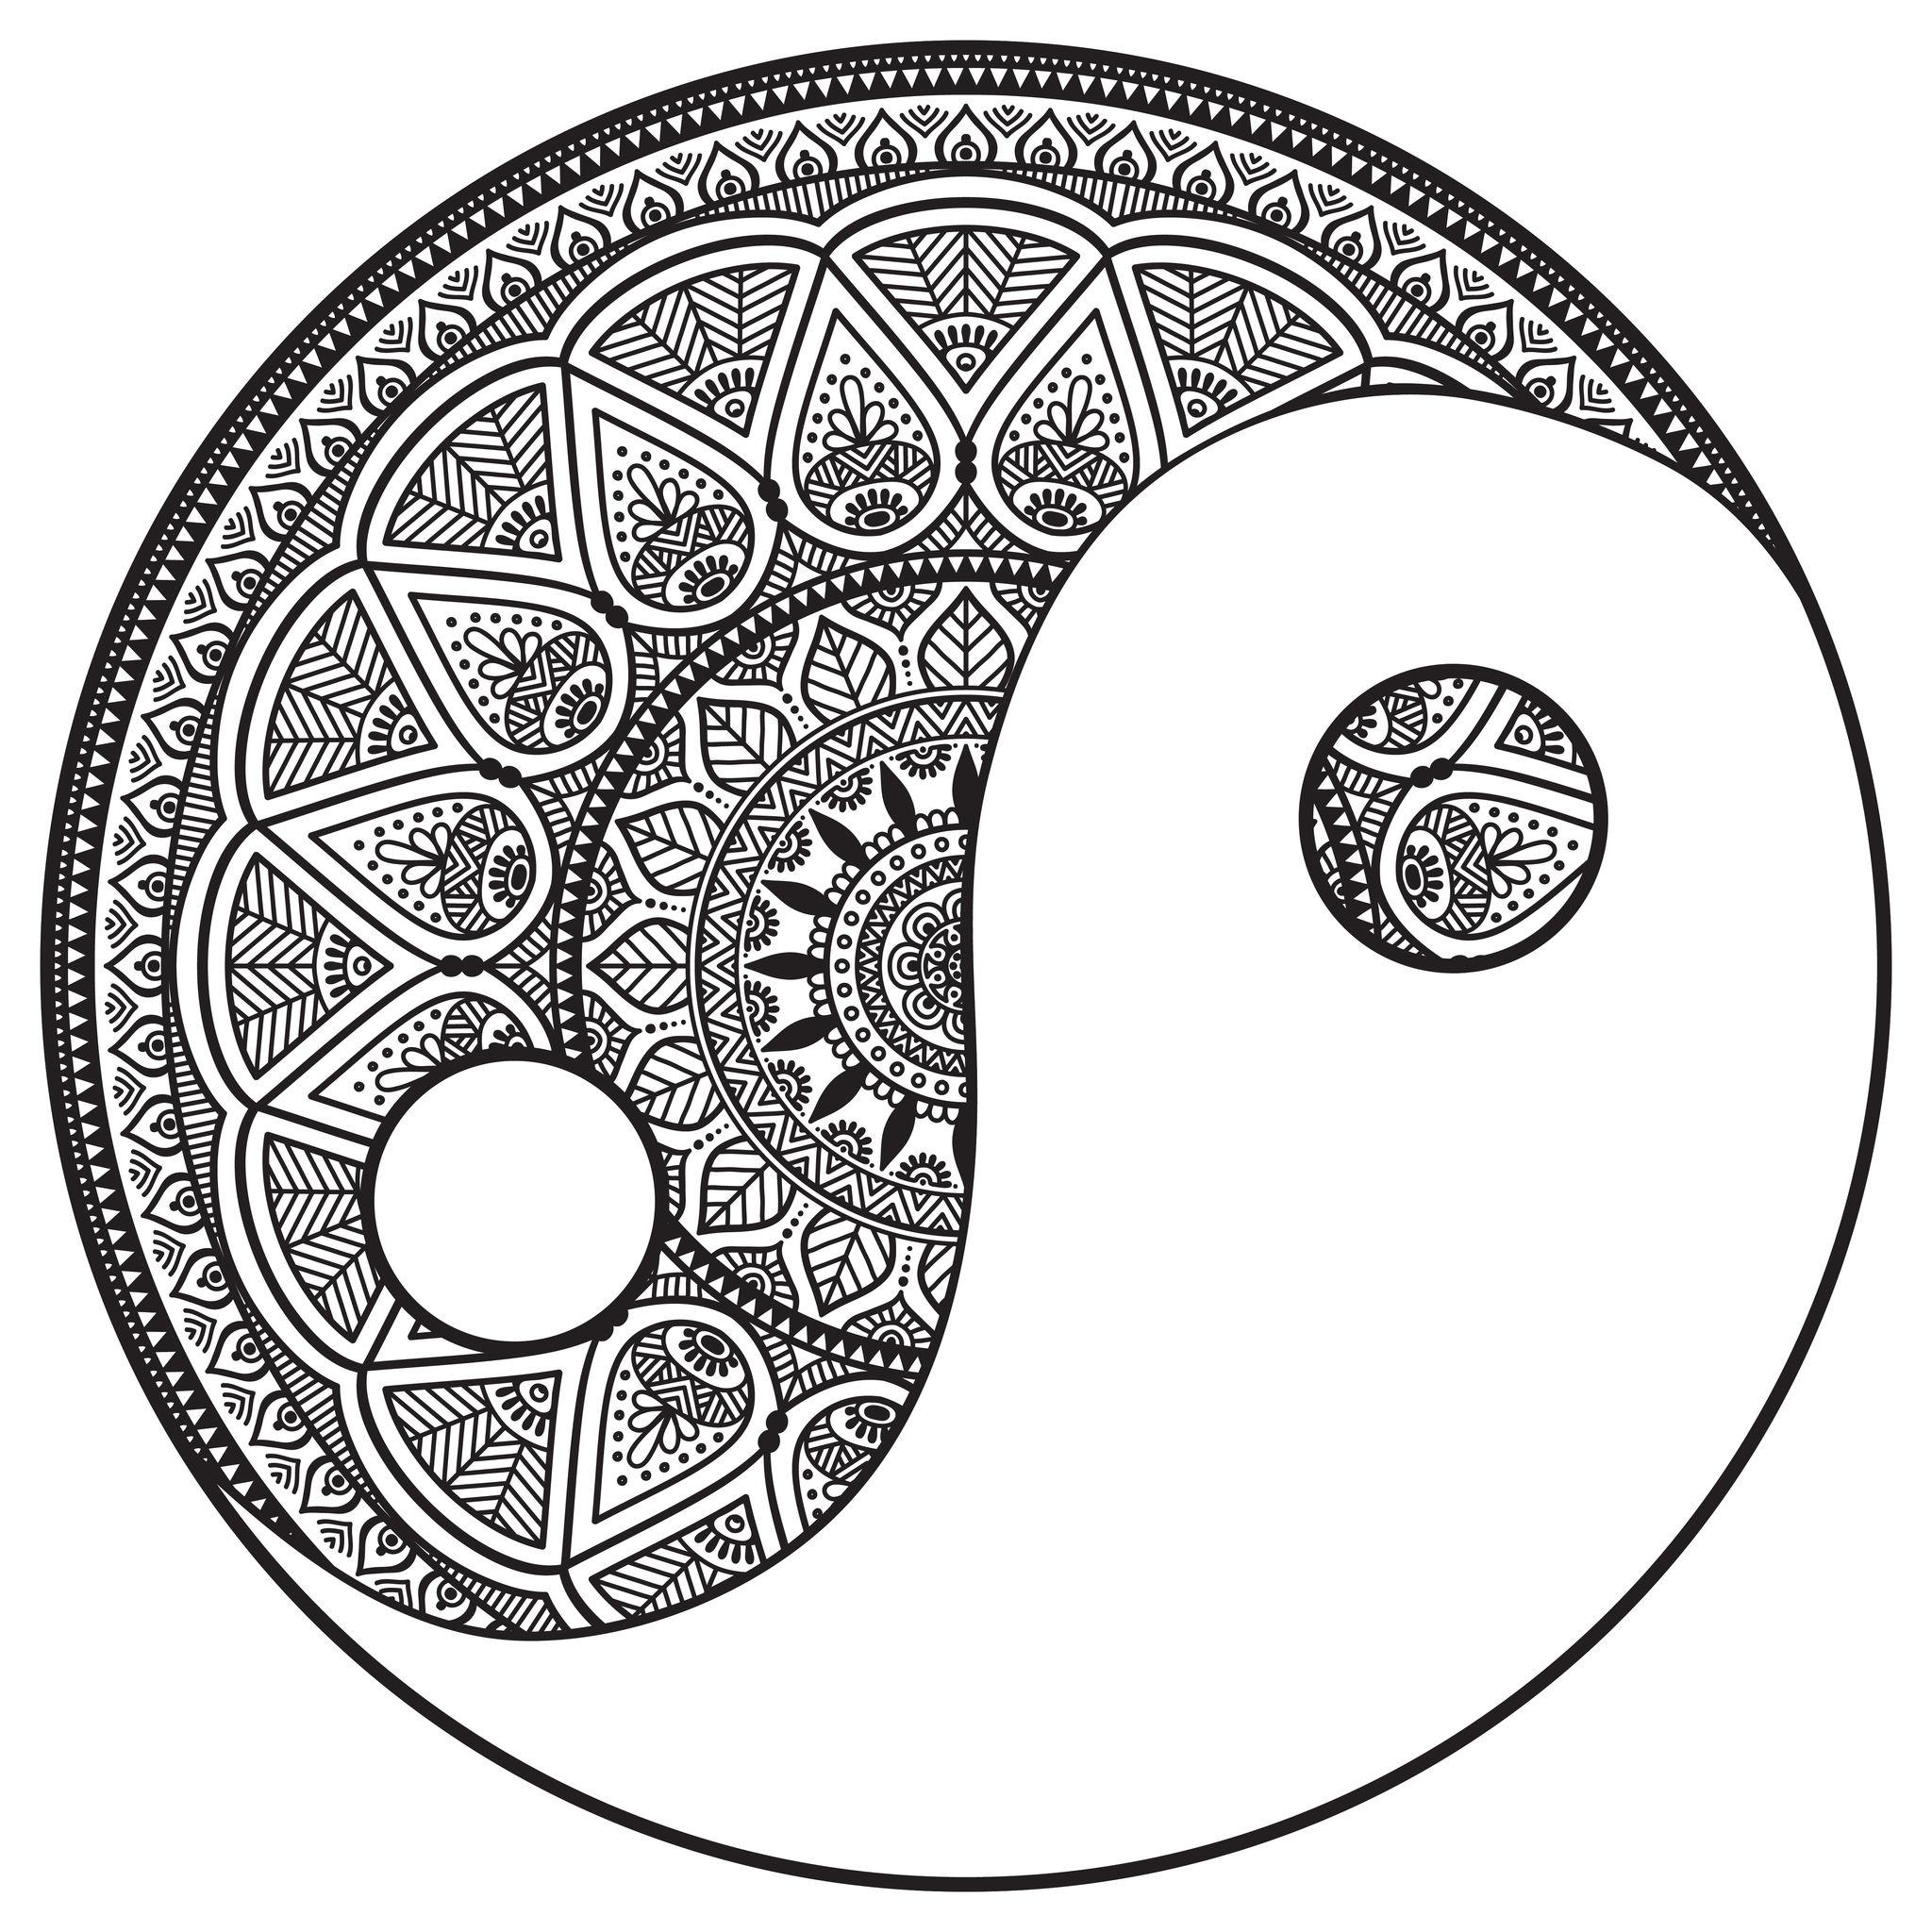 Mandala yin et yang mandalas zen anti stress 100 mandalas zen anti stress - Dessin anti stress mandala ...